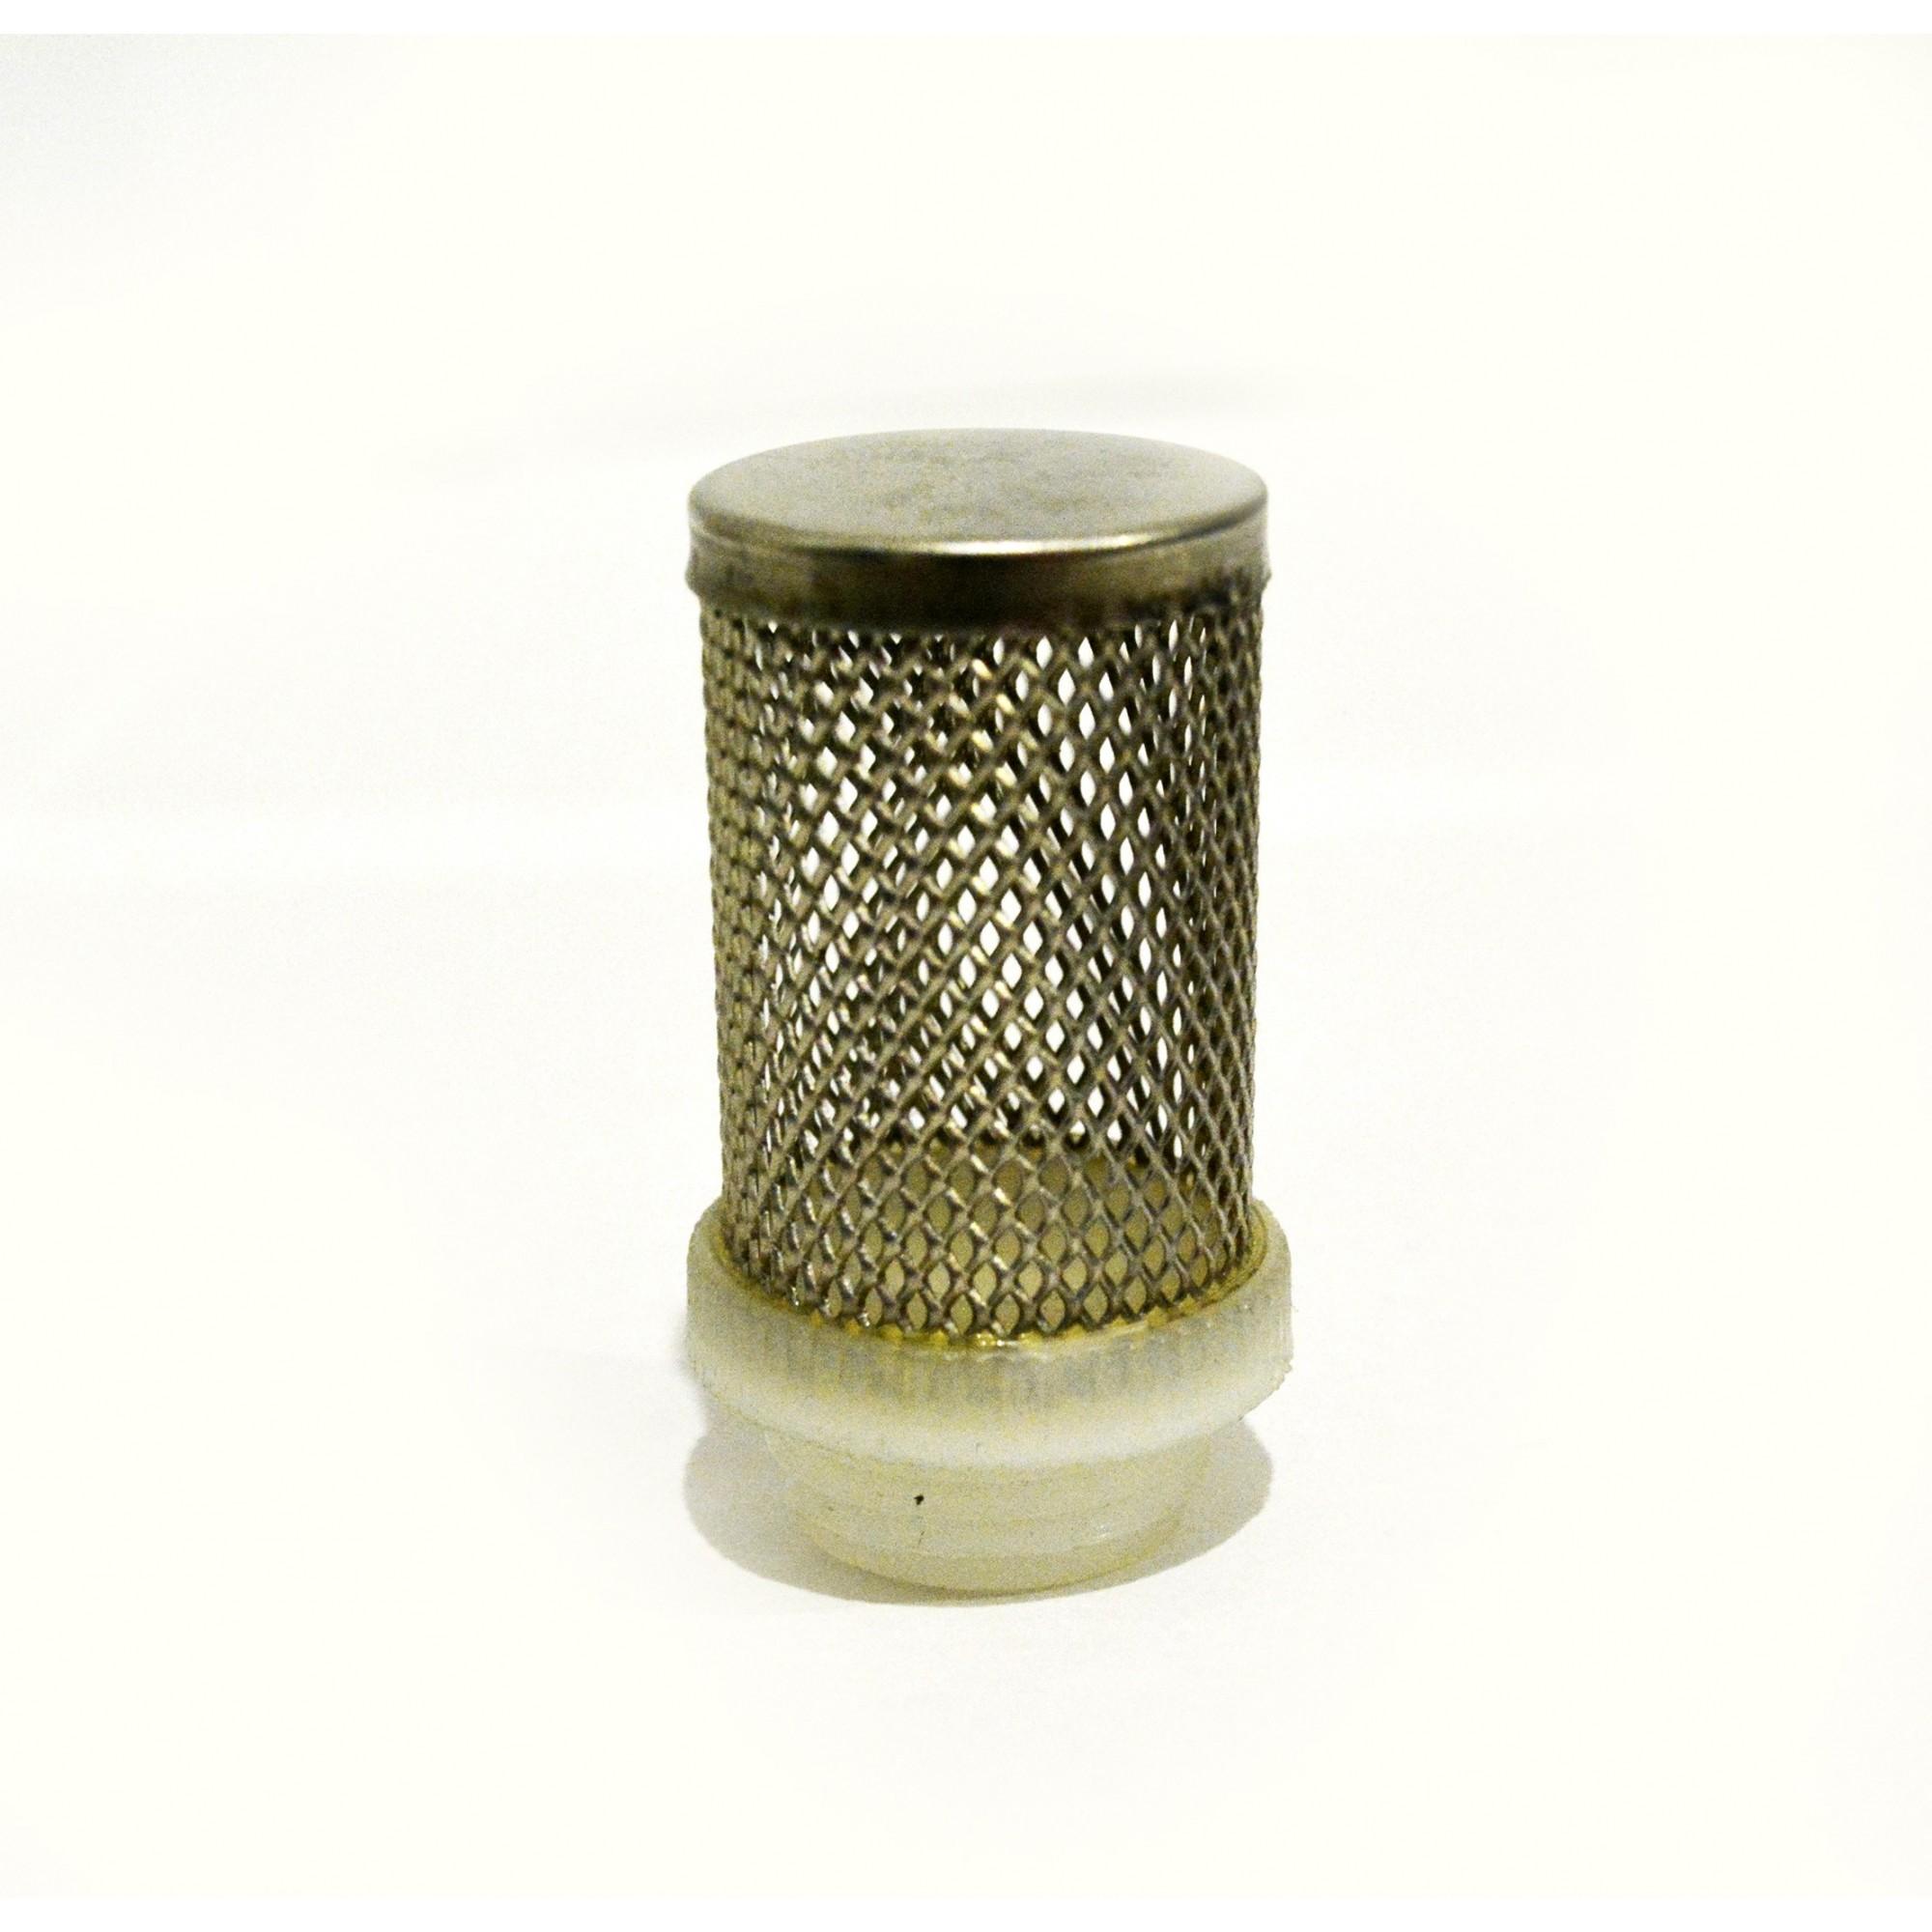 Сетка для обратного клапана J.G. 1/2 нержавейка 45мм J.G. - 1